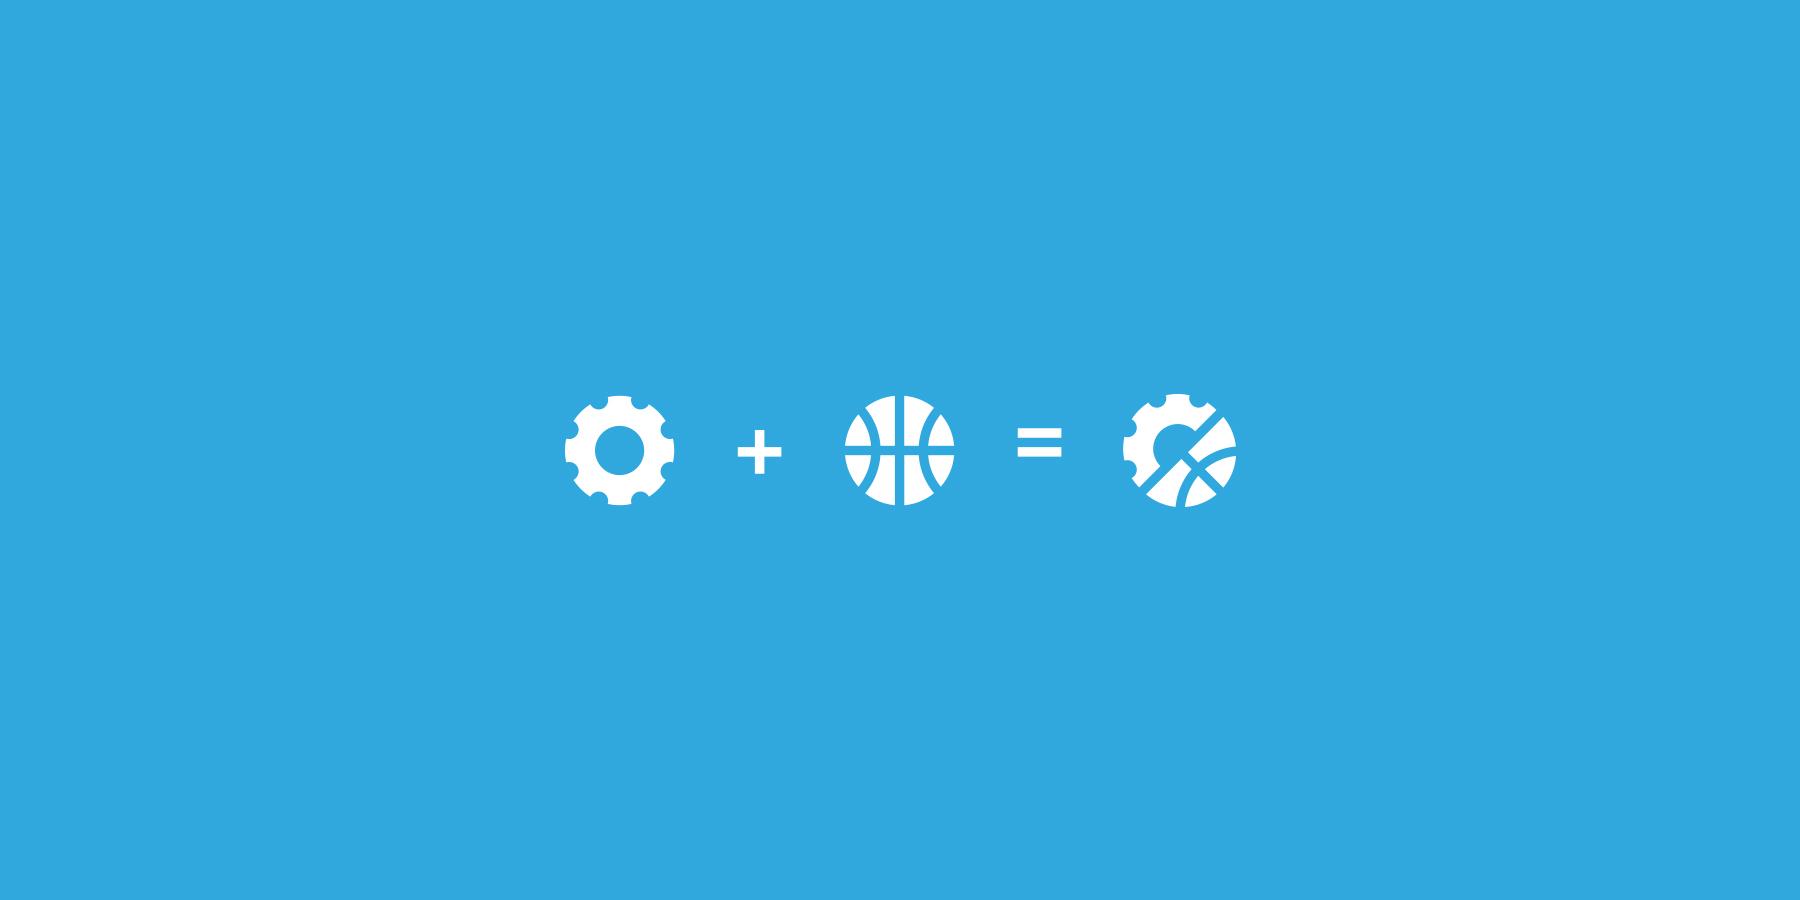 actapi-logo-design-03